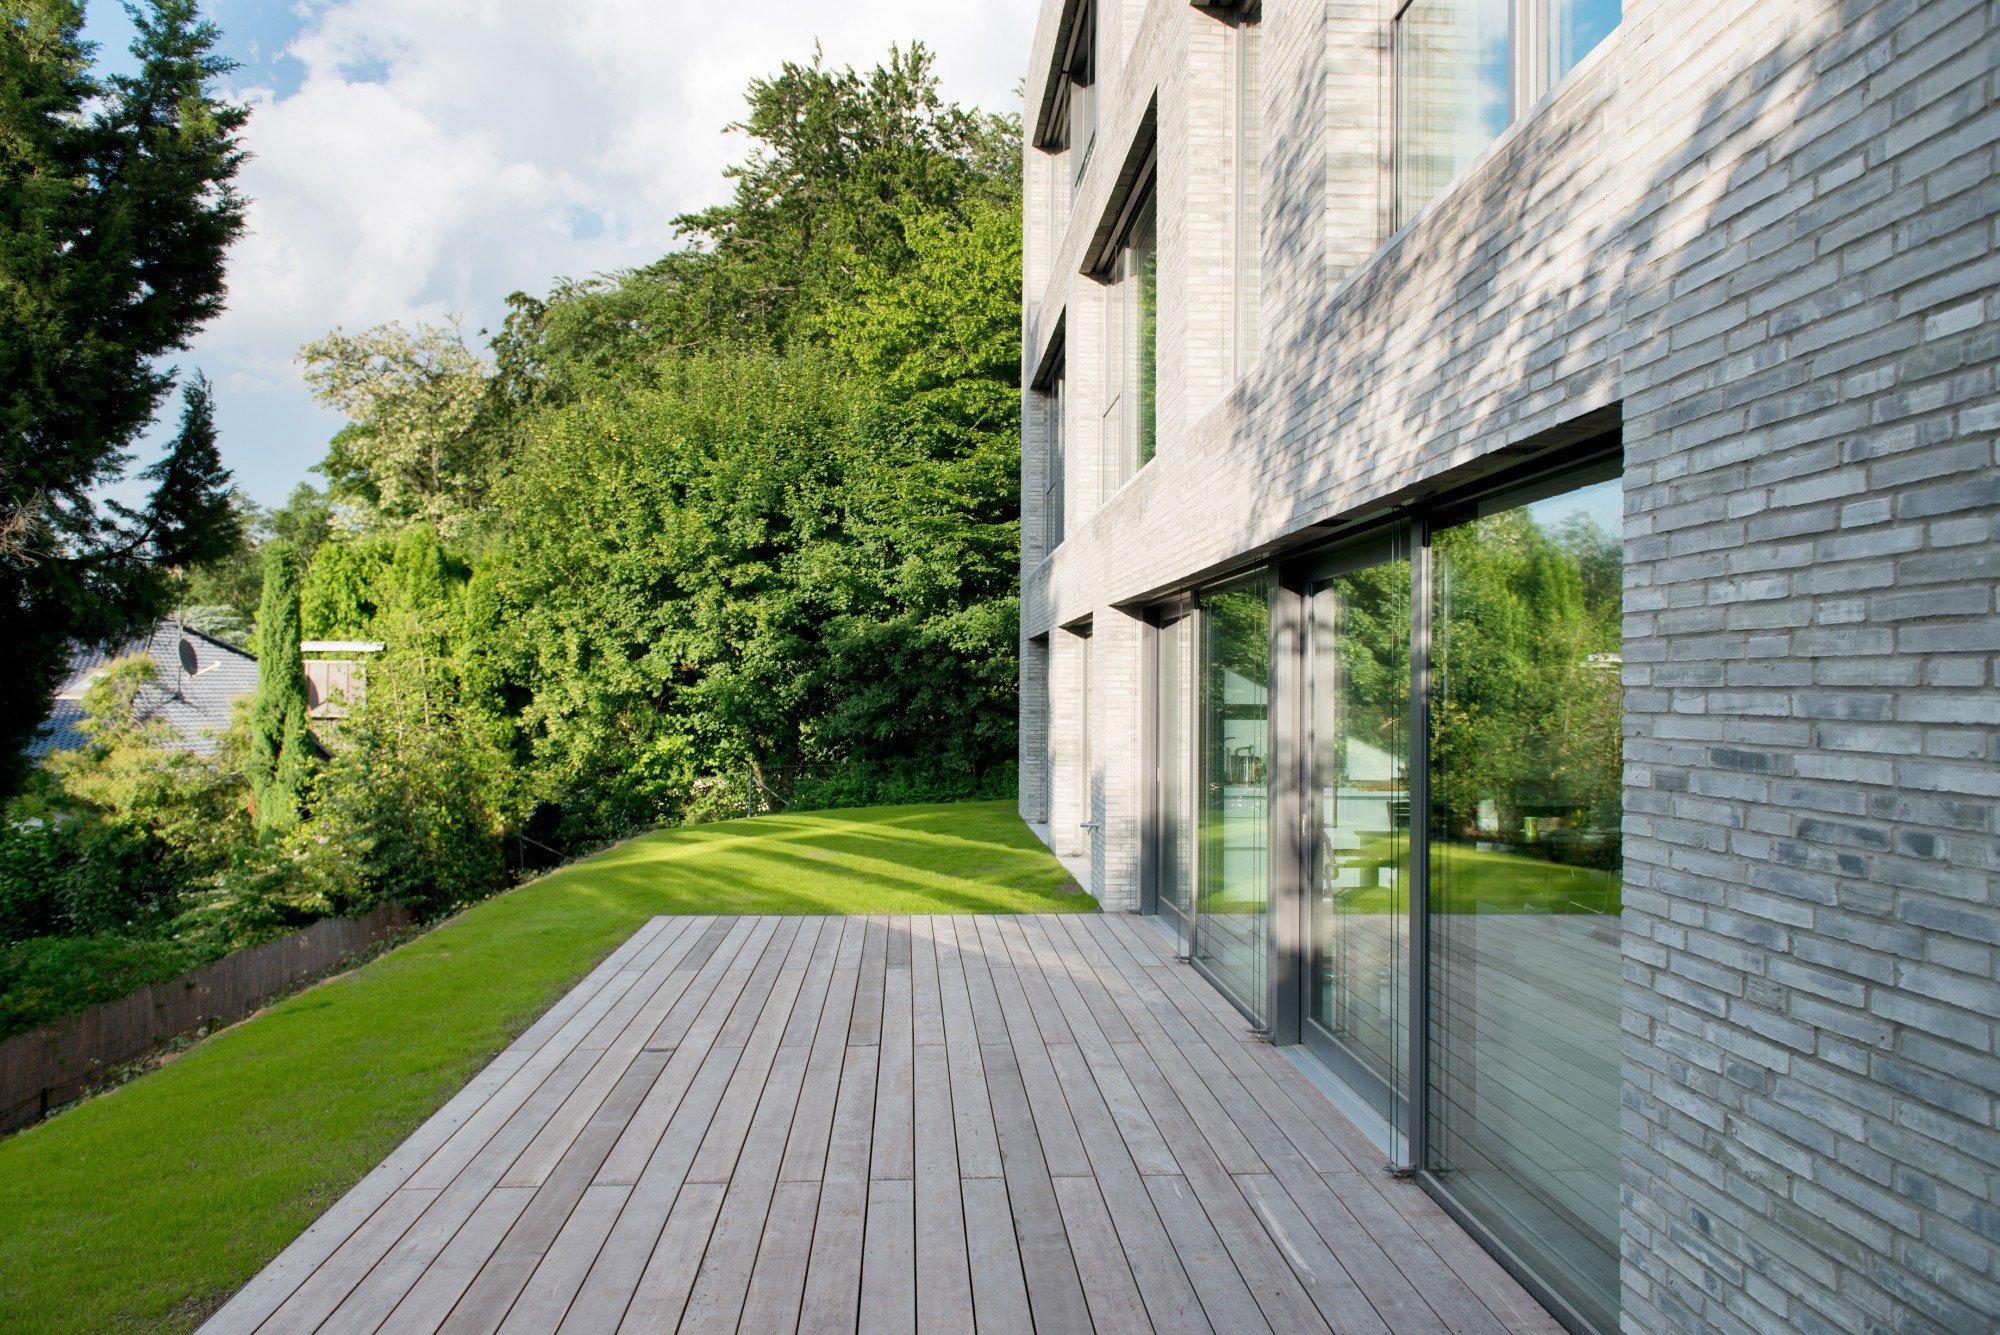 Haus mit einliegerwohnung anbau  Haus Mit Einliegerwohnung Anbau: Musterhaus oslo rensch haus gmbh ...